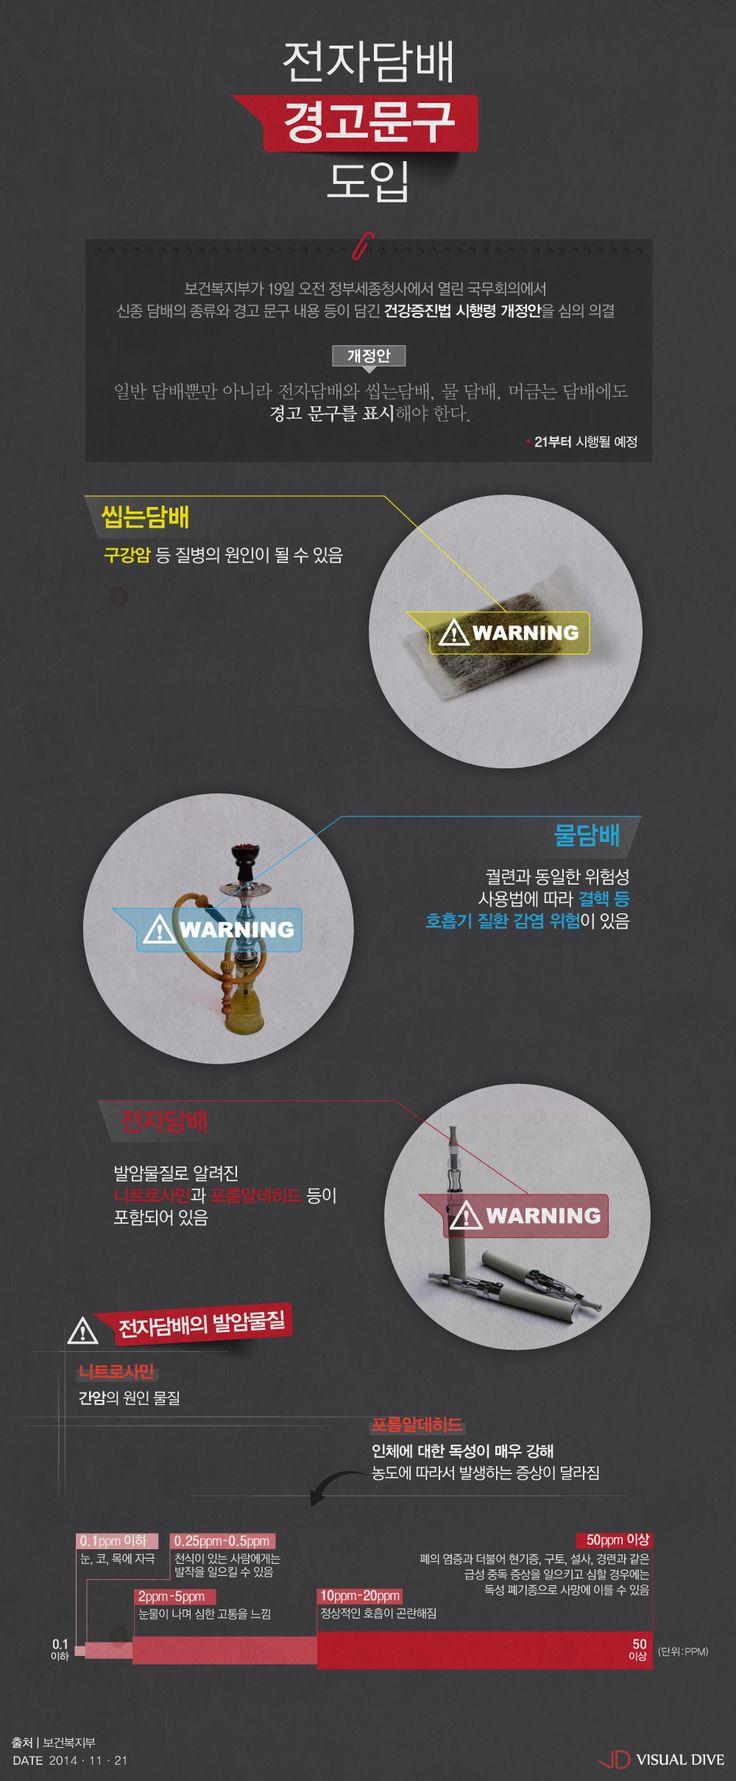 전자담배도 '발암물질' 경고문구 표기 의무화한다 [인포그래픽] #cigarette / #Infographic ⓒ 비주얼다이브 무단 복사·전재·재배포 금지